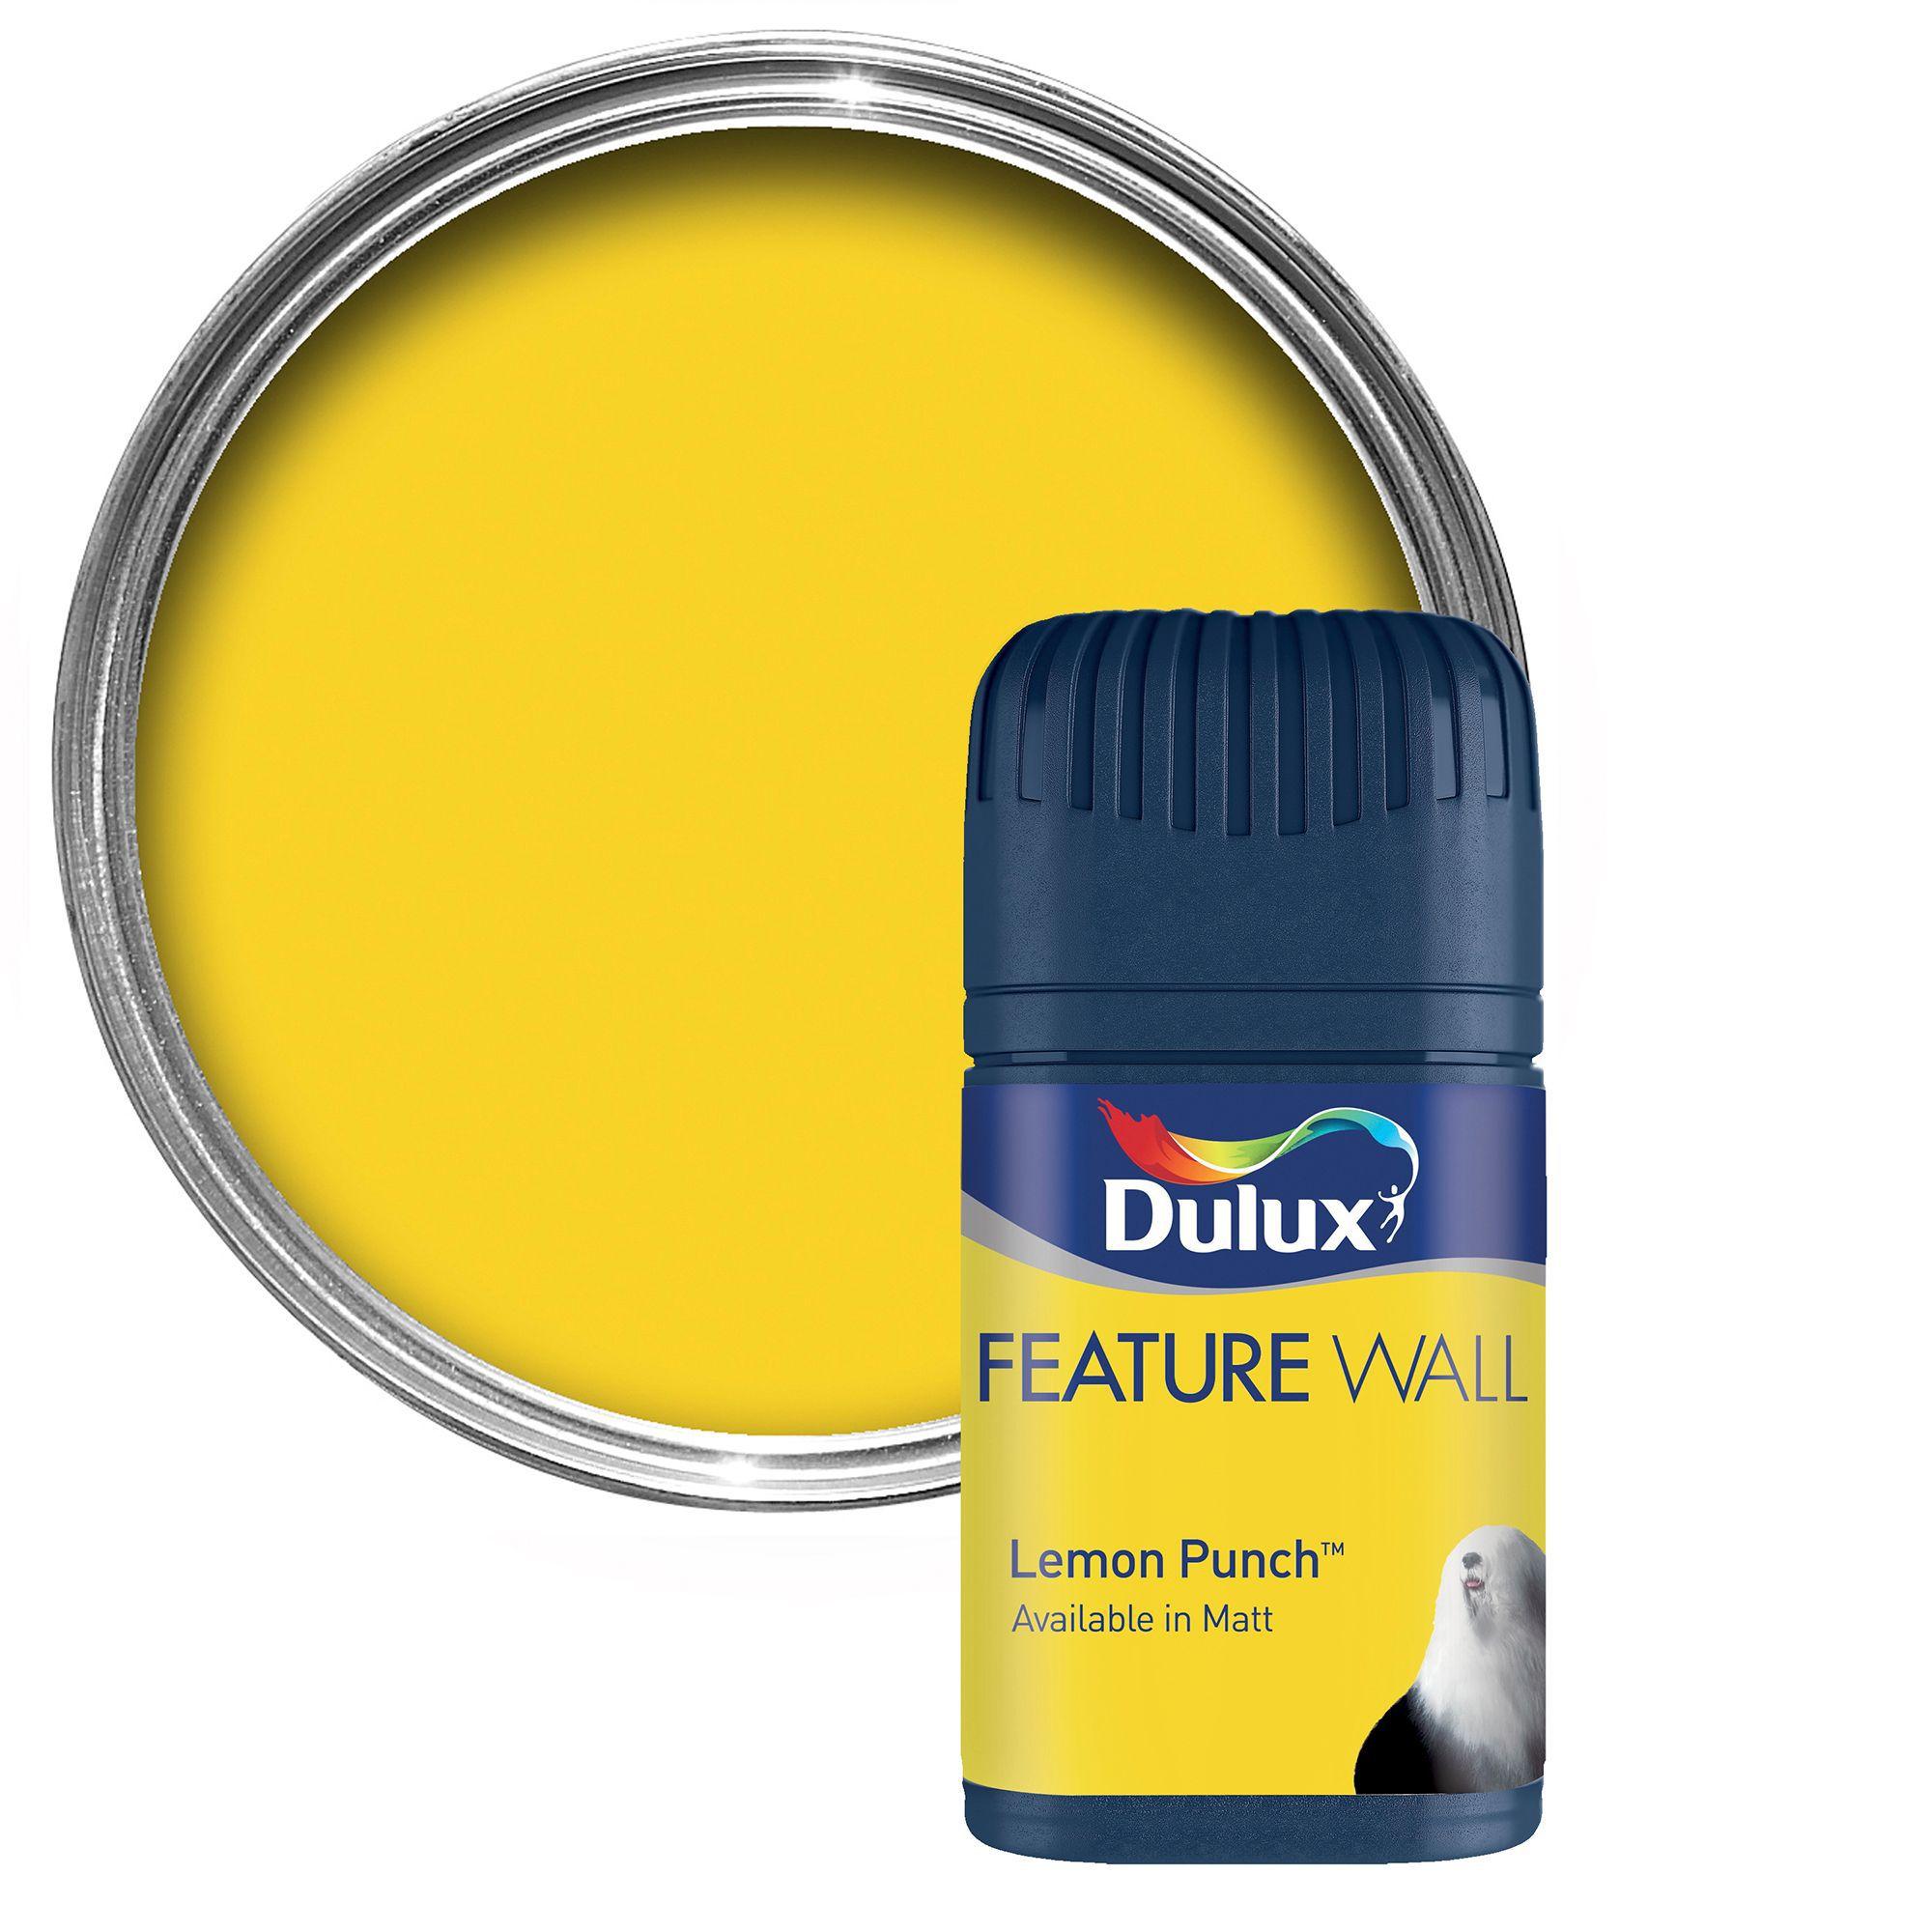 Dulux Feature Wall Lemon Punch Matt Emulsion Paint  Lemon